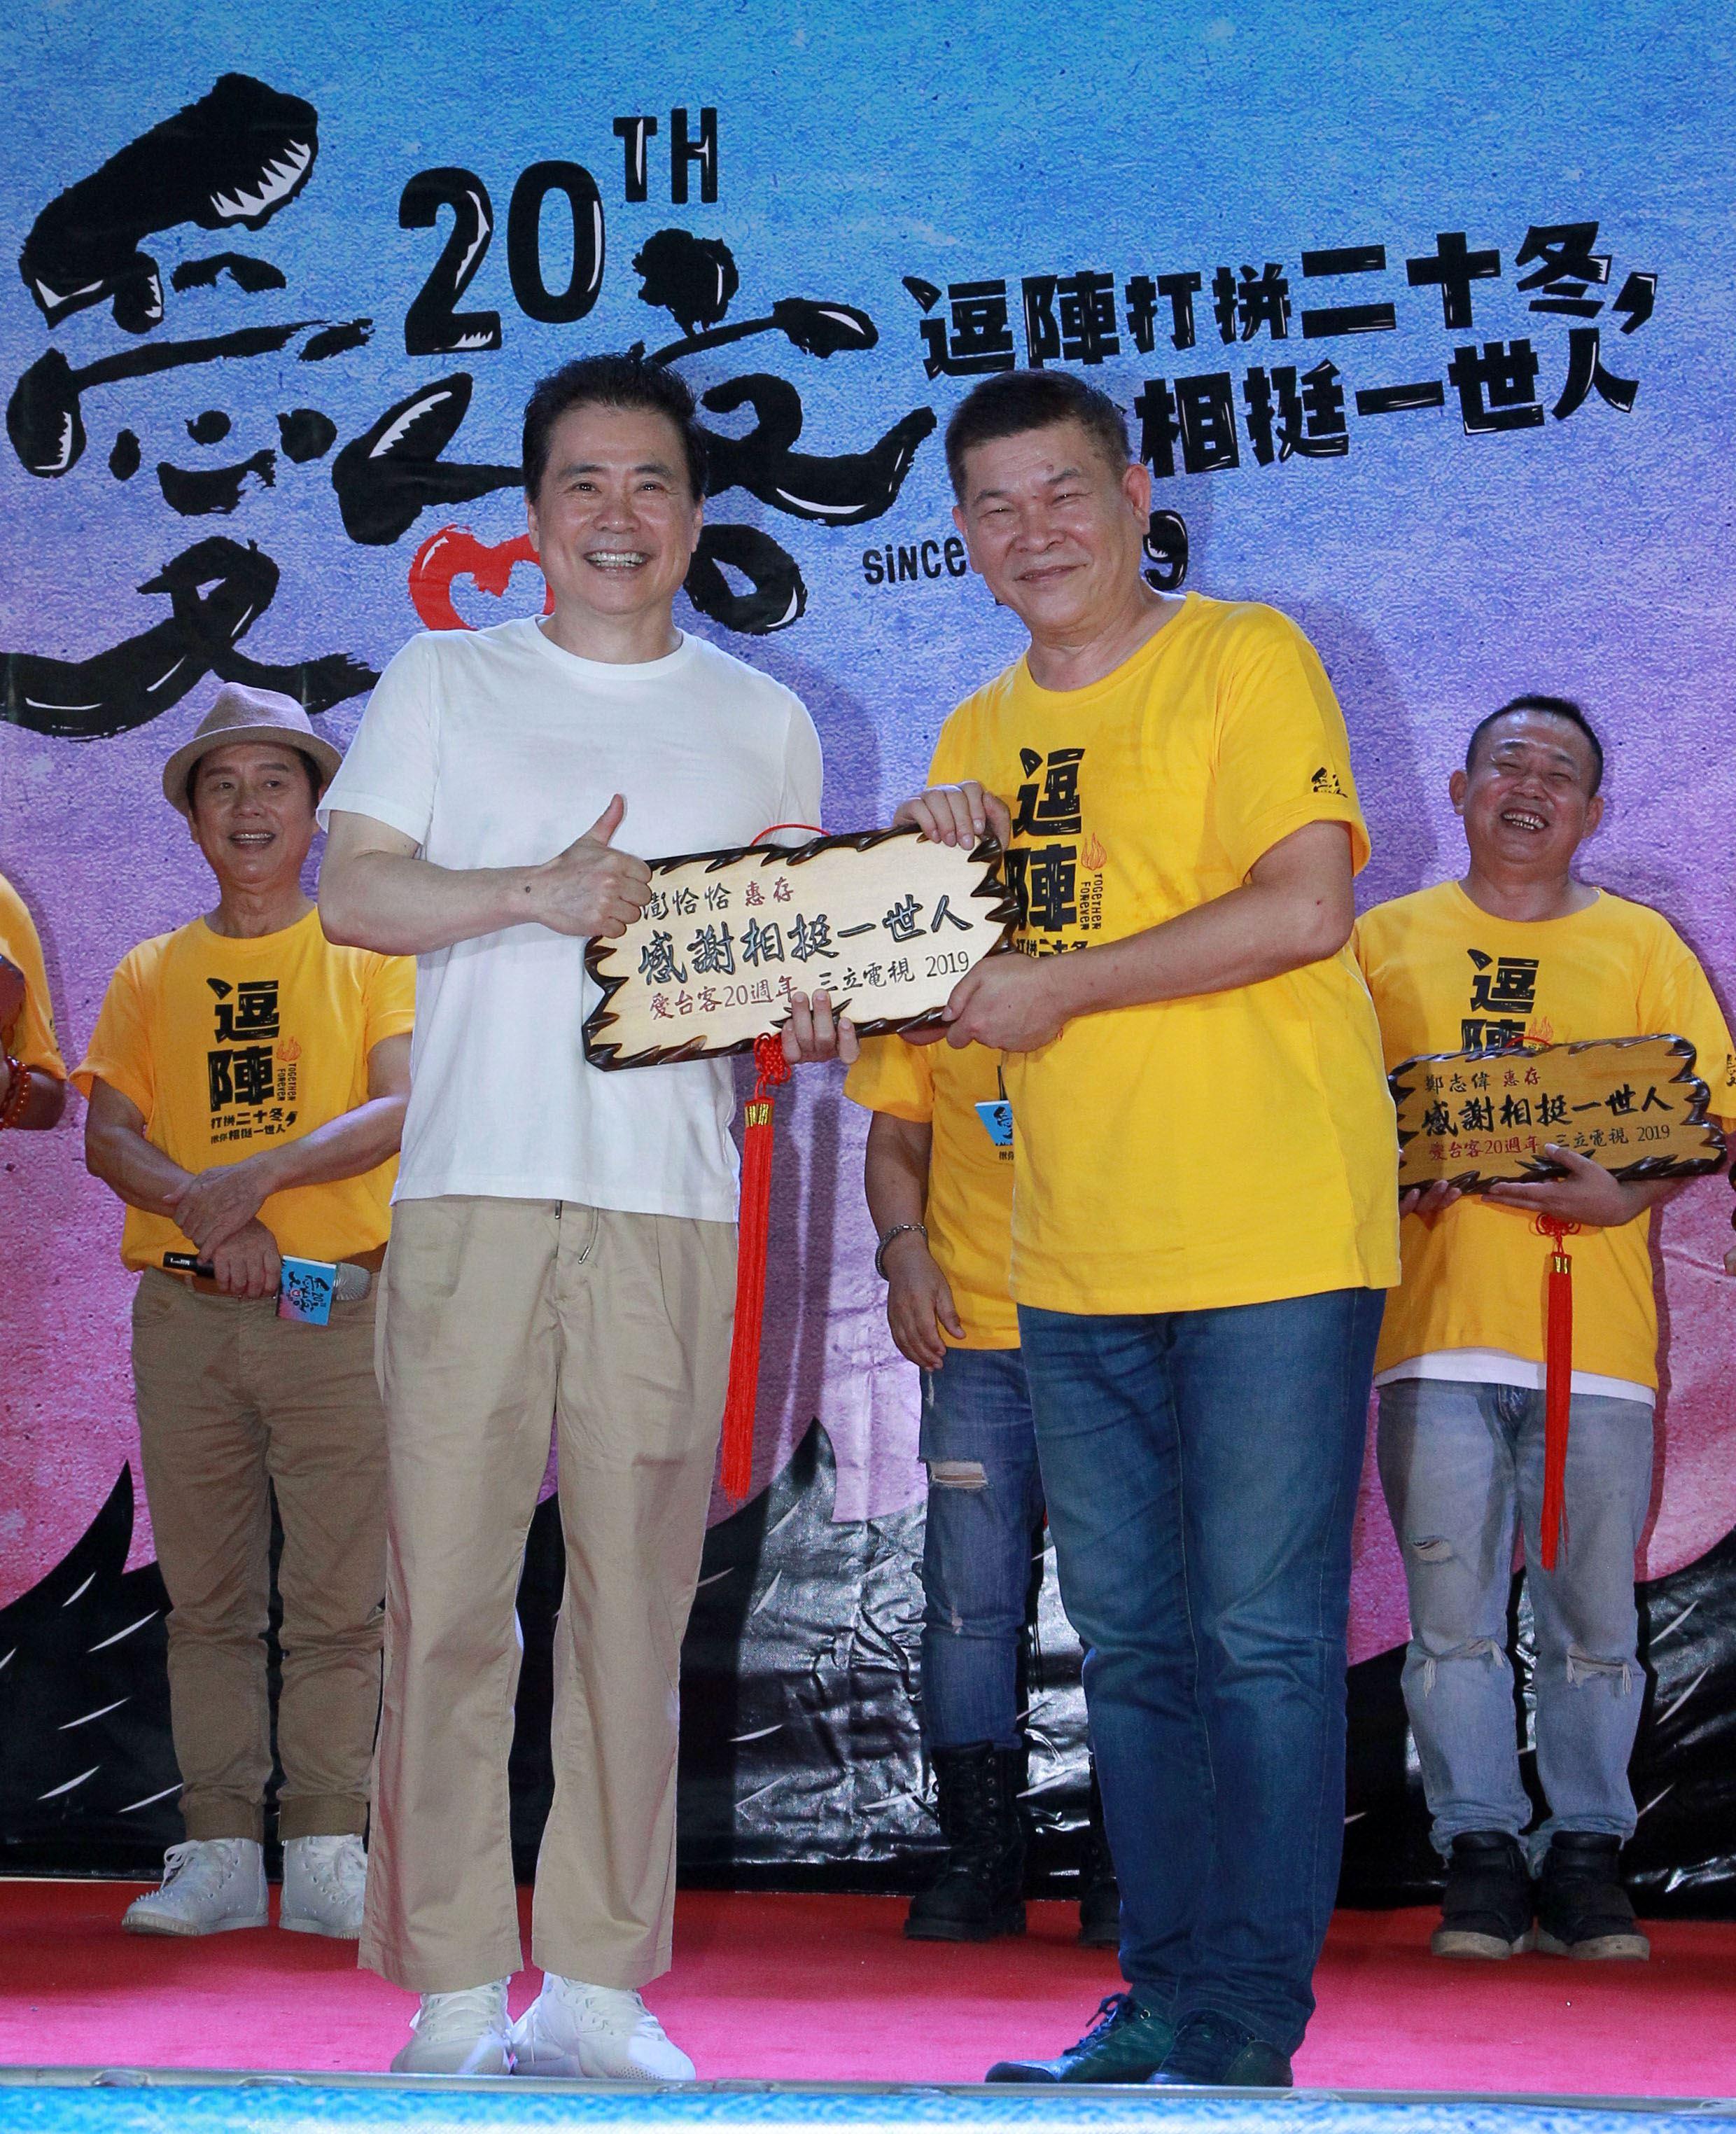 三立總經理張榮華頒發「感謝相挺一世人」匾額給主持人澎恰恰。(記者邱榮吉/攝影)